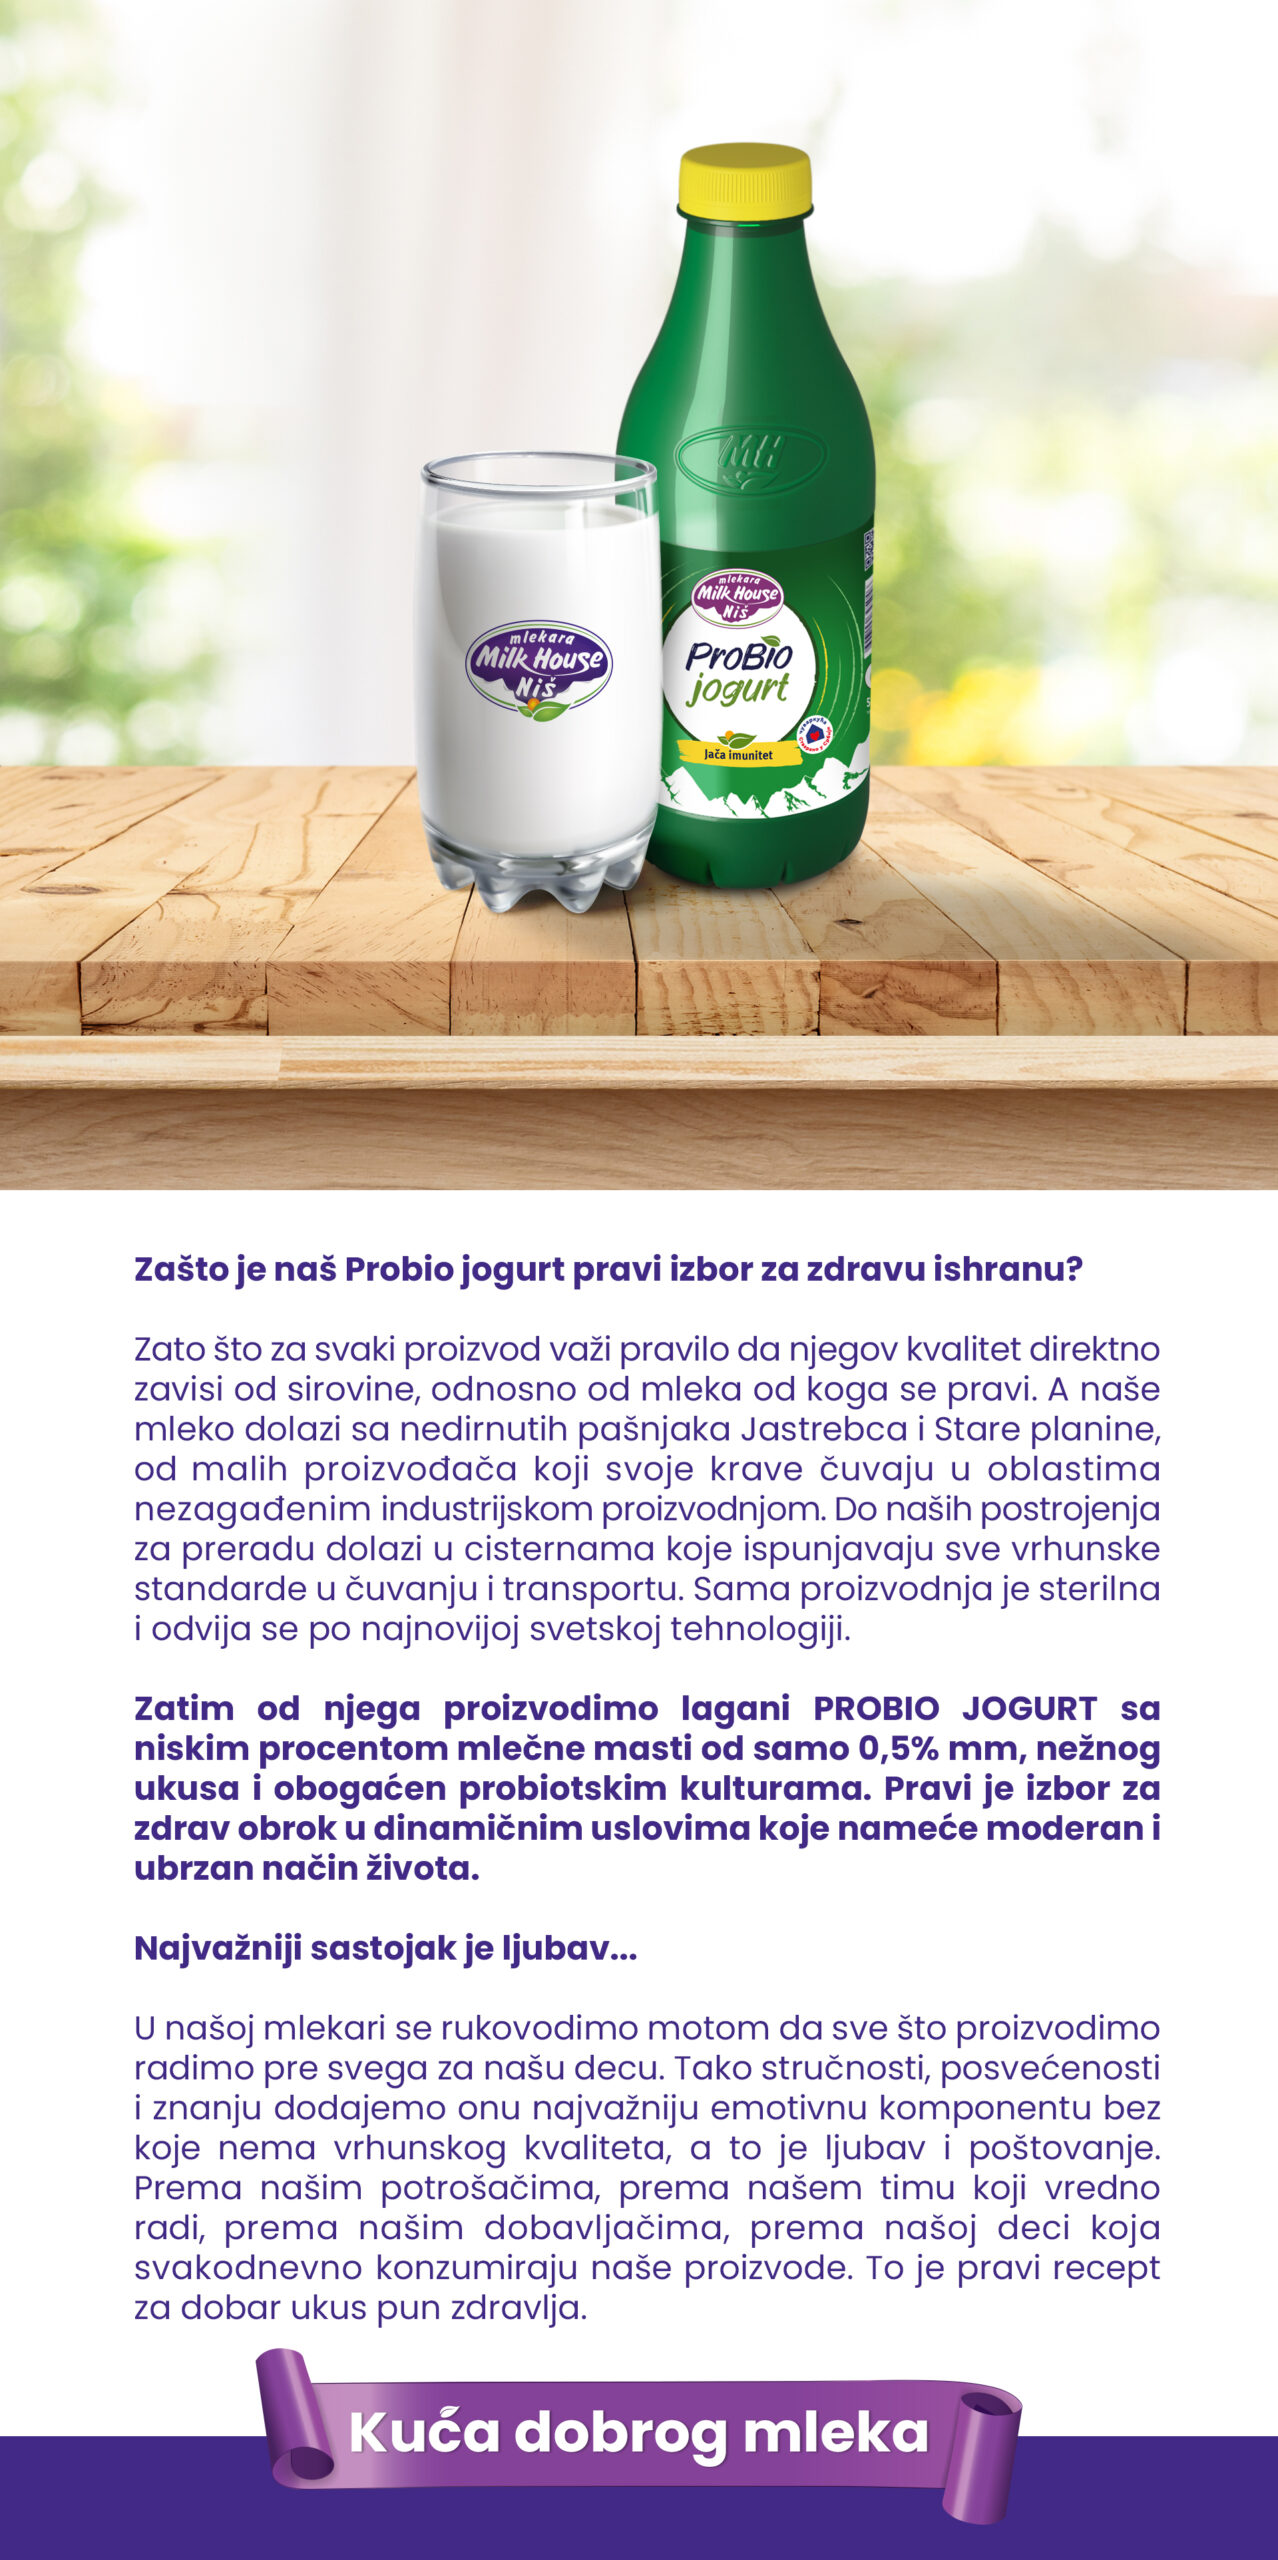 ProBio jogurt 500g